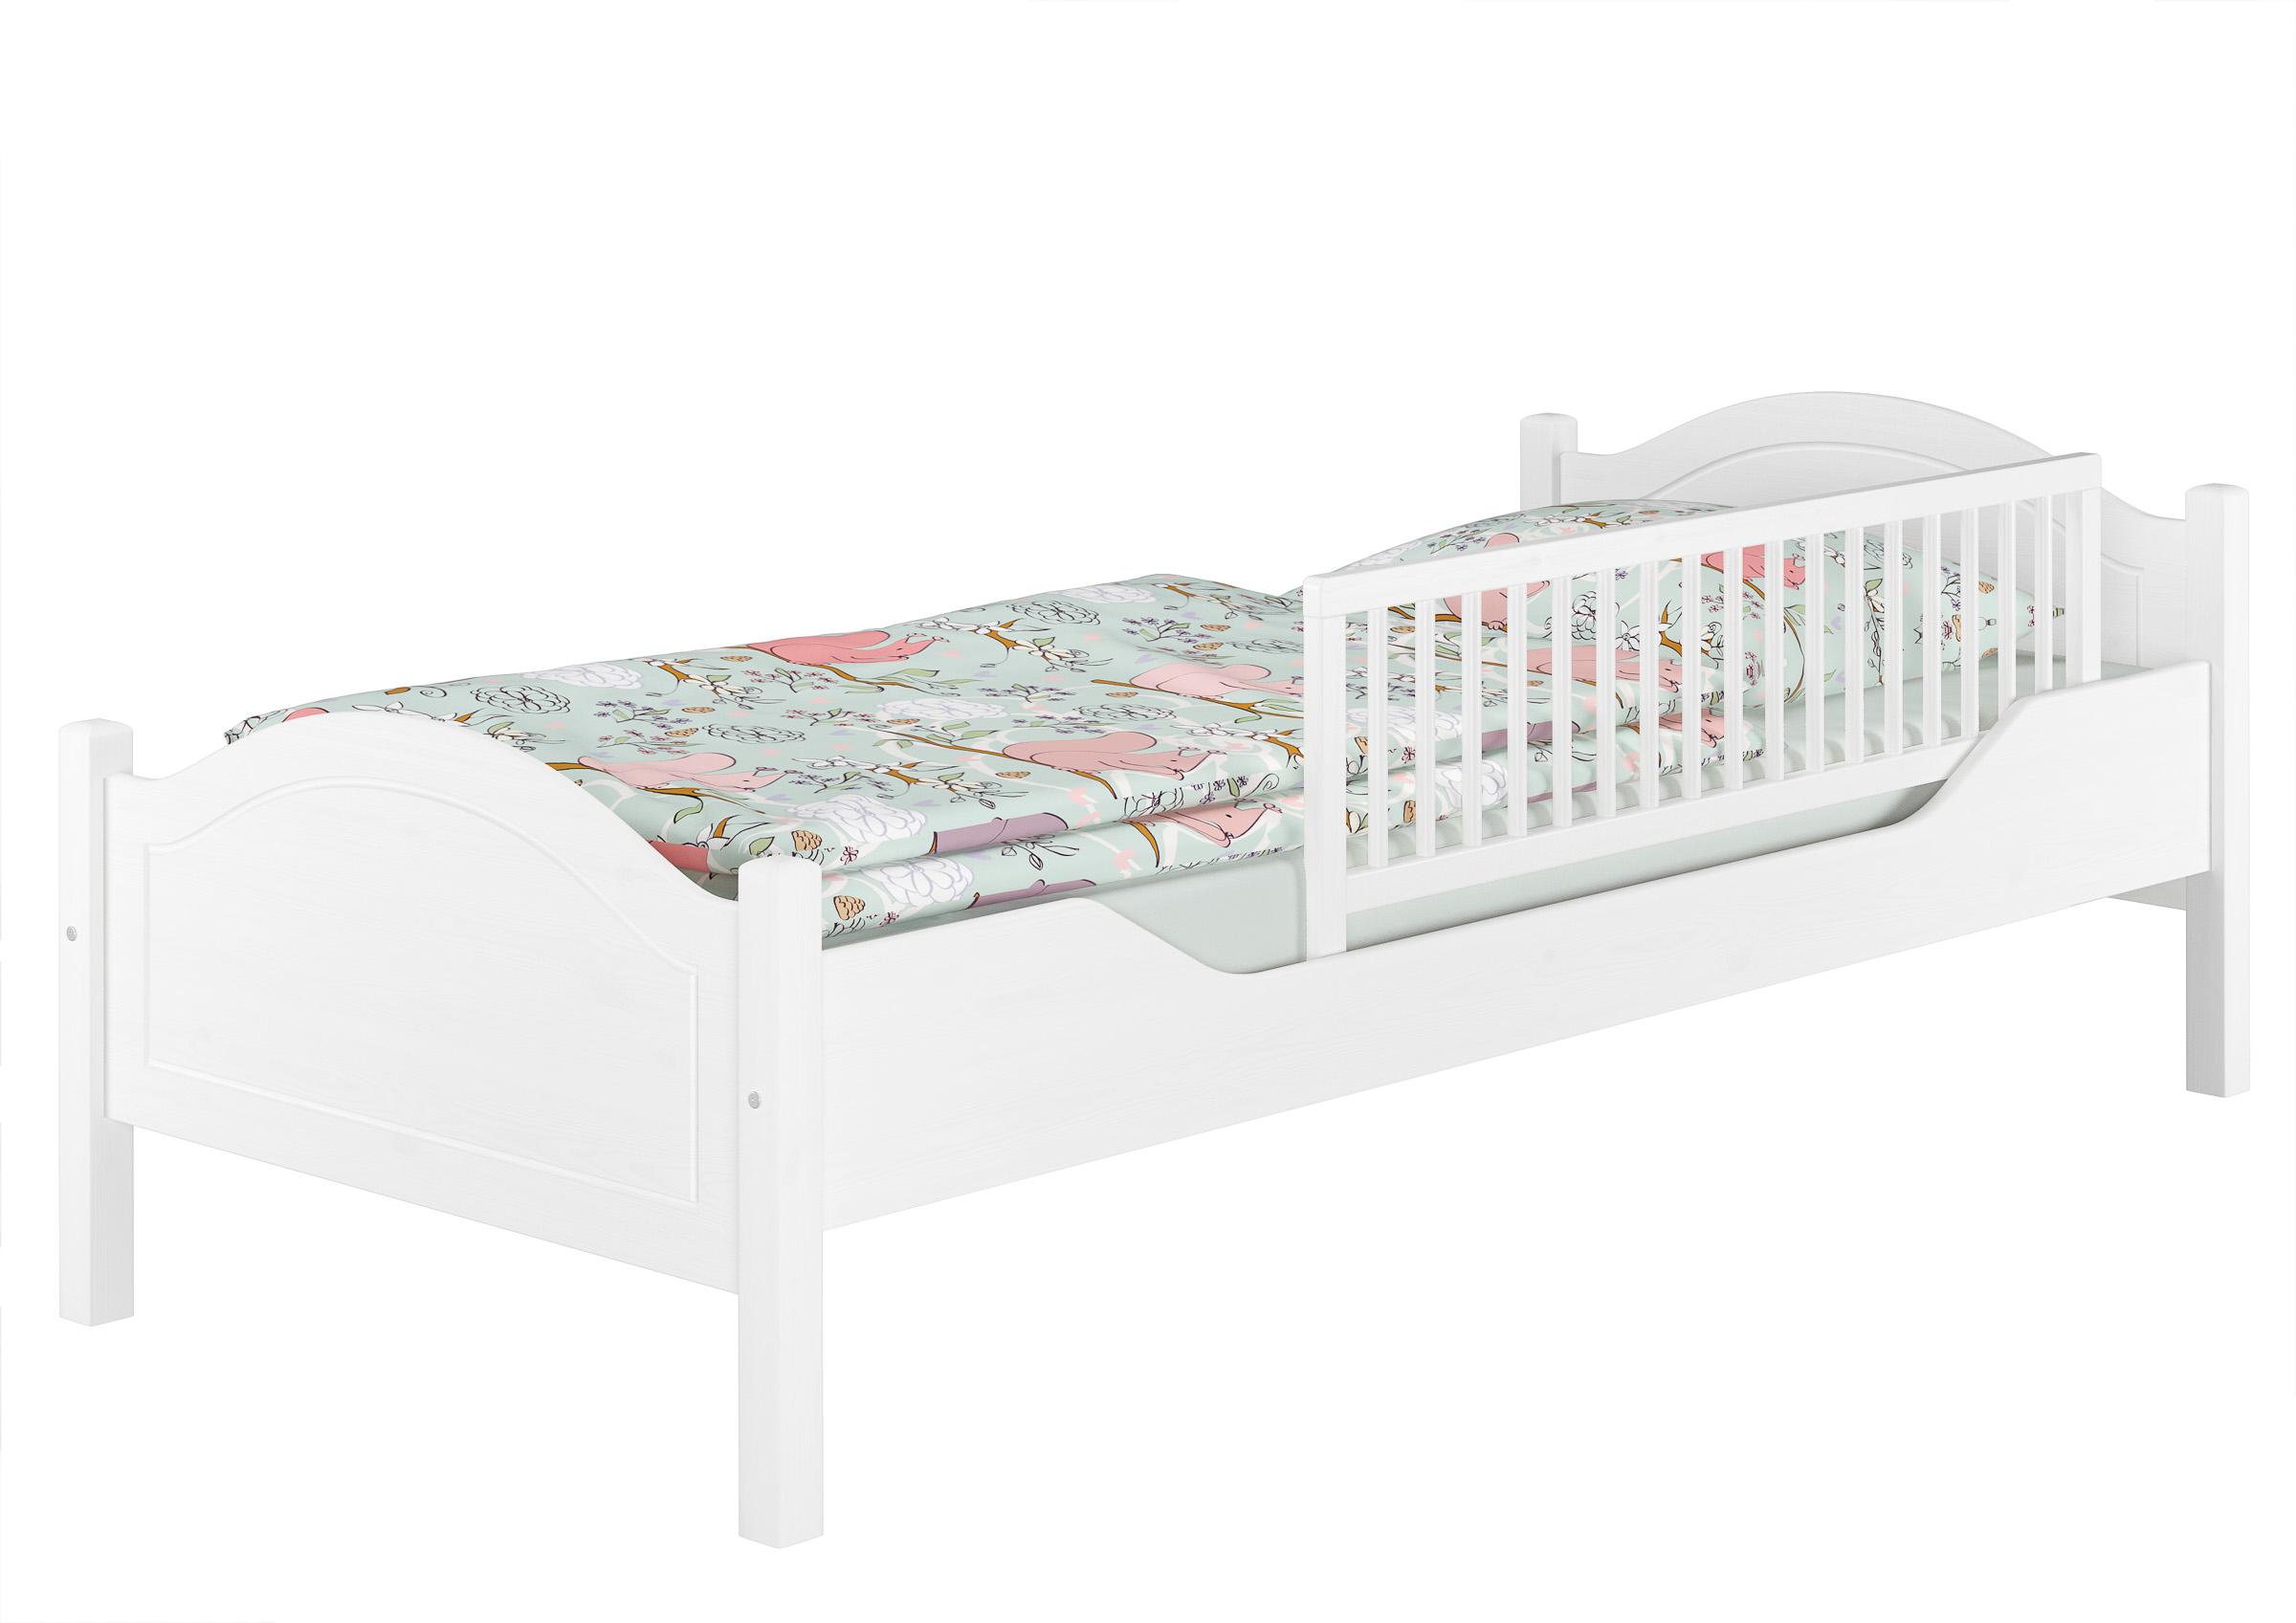 Universeller Rausfallschutz Betten Kindersicherung Holz Bettgitter